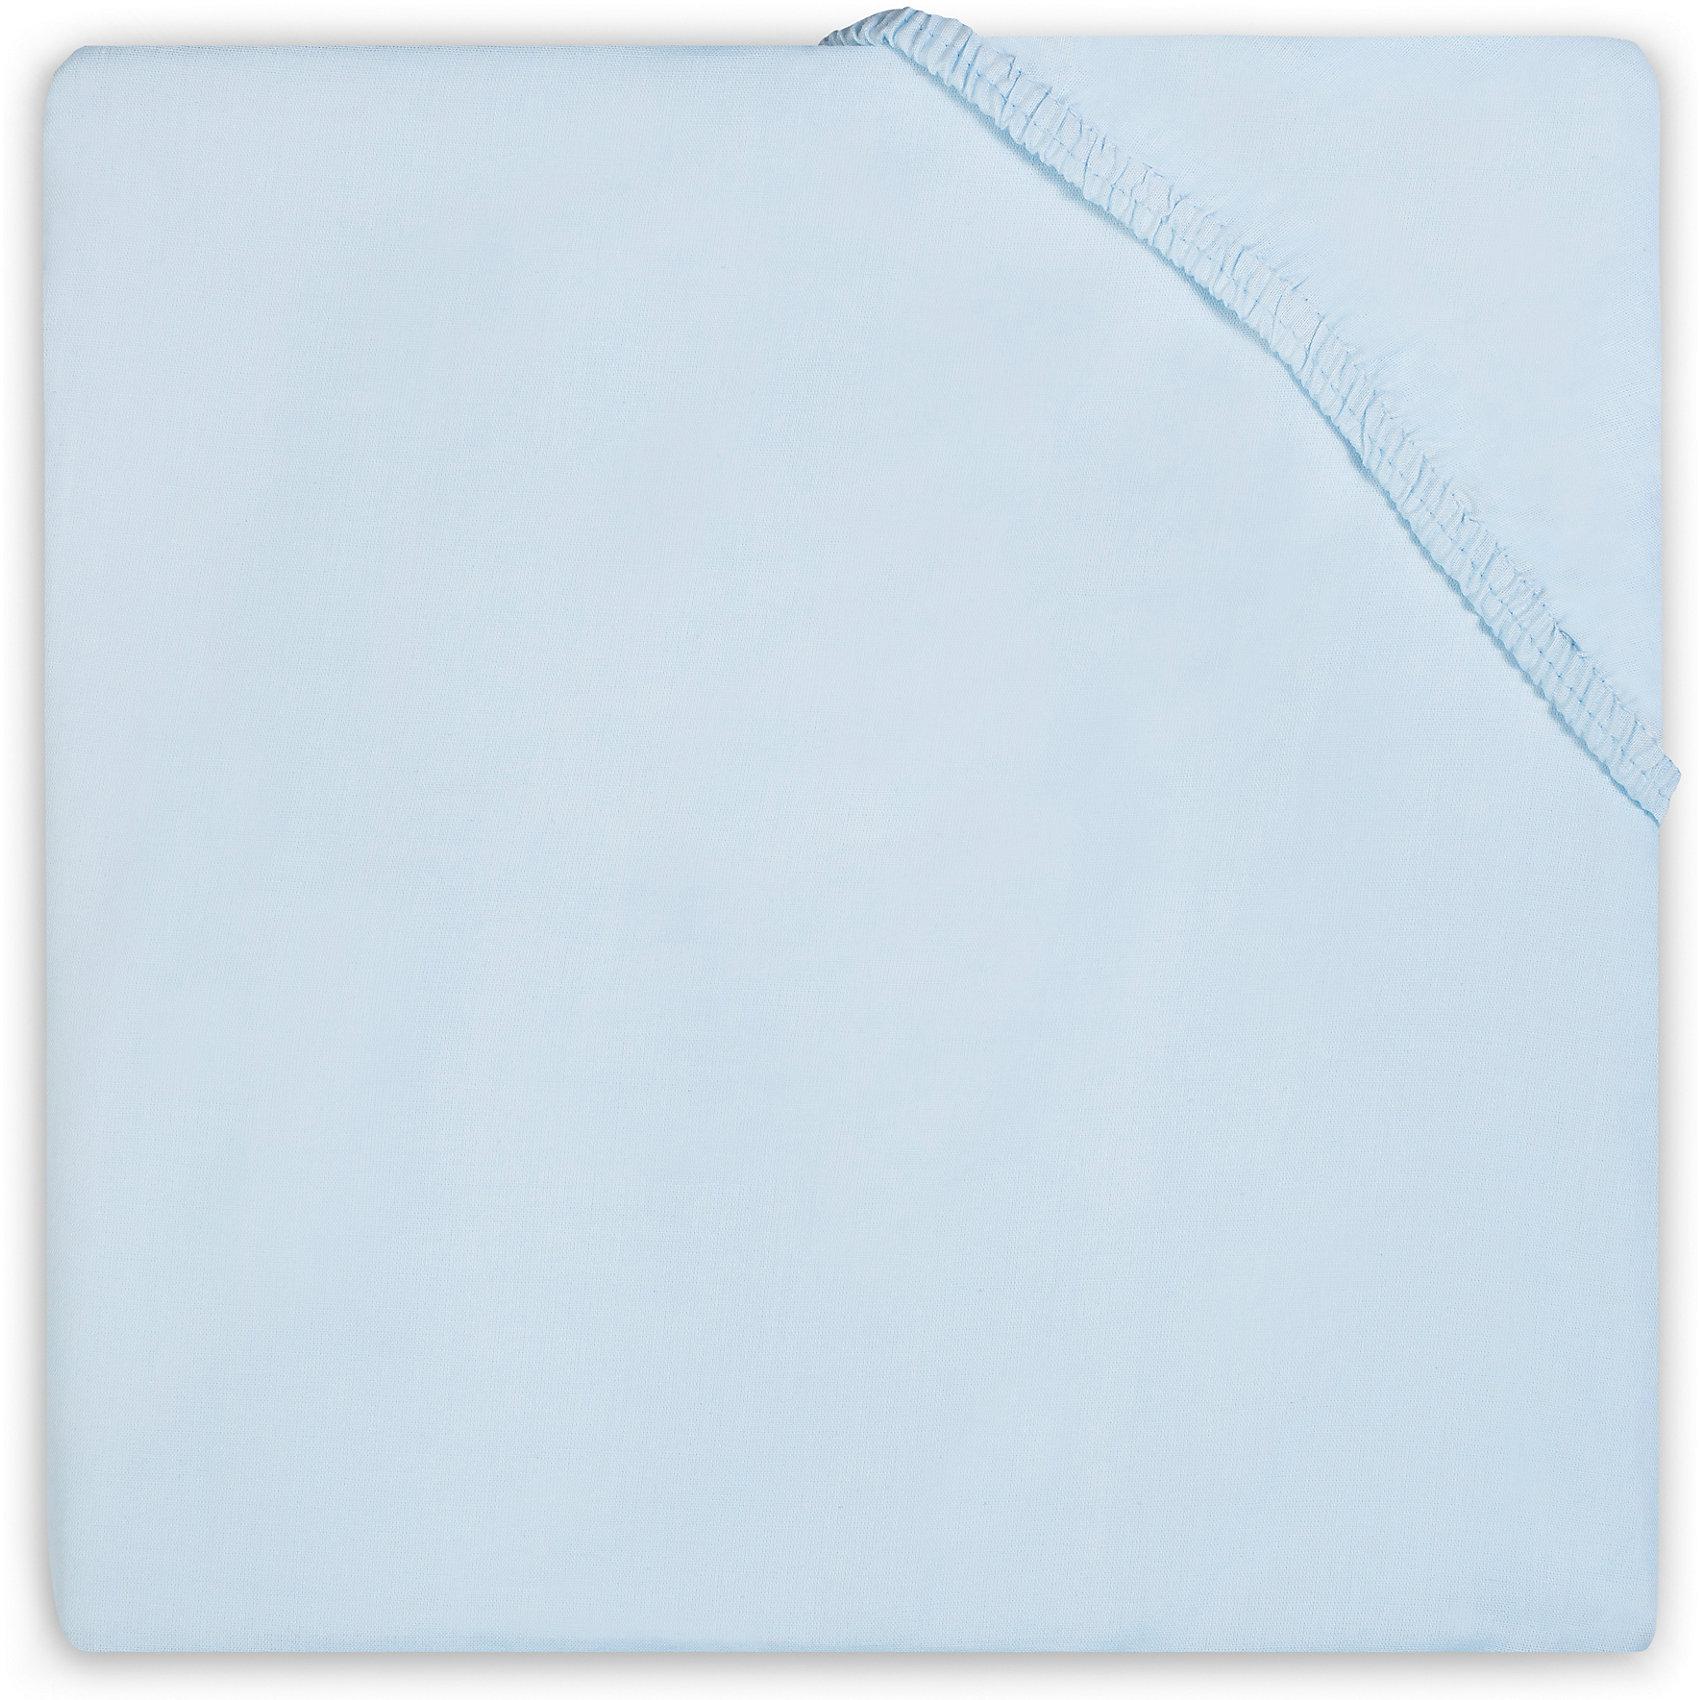 Простыня на резинке 60х120 см, Jollein, Light blueПостельное бельё<br>Характеристики:<br><br>• Вид детского текстиля: простыня на резинке<br>• Пол: универсальный<br>• Цвет: светло голубой<br>• Тематика рисунка: без рисунка<br>• Материал: 100% хлопок <br>• Подходит для детских кроваток стандартного размера<br>• Размер: 60*120 см<br>• Вес: 200 г<br>• Особенности ухода: машинная или ручная стирка при температуре не более 60 градусов<br><br>Простыня на резинке 60х120 см, Jollein, Light blue от торговой марки Жолляйн, которая является признанным лидером среди аналогичных брендов, выпускающих детское постельное белье и текстиль для новорожденных. <br><br>Продукция этого торгового бренда отличается высоким качеством и дизайнерским стилем. Простыня выполнена из натурального хлопка, который обладает высокими гигиеническими и гигроскопическими свойствами. Легко стирается и быстро высыхает. Простыня на резинке плотно и хорошо садится на матрасик, что препятствует ее сбиванию и образованию складок, даже если ребенок спит неспокойно.<br><br>Простынь выполнена в однотонном цвете, поэтому она подойдет к любому комплекту постельного белья. Простыня на резинке 60х120 см, Jollein, Light blue – это стиль и качество для сладких сновидений вашего малыша!<br><br>Простыню на резинке 60х120 см, Jollein, Light blue можно купить в нашем интернет-магазине.<br><br>Ширина мм: 200<br>Глубина мм: 240<br>Высота мм: 30<br>Вес г: 272<br>Возраст от месяцев: 0<br>Возраст до месяцев: 36<br>Пол: Унисекс<br>Возраст: Детский<br>SKU: 5367122